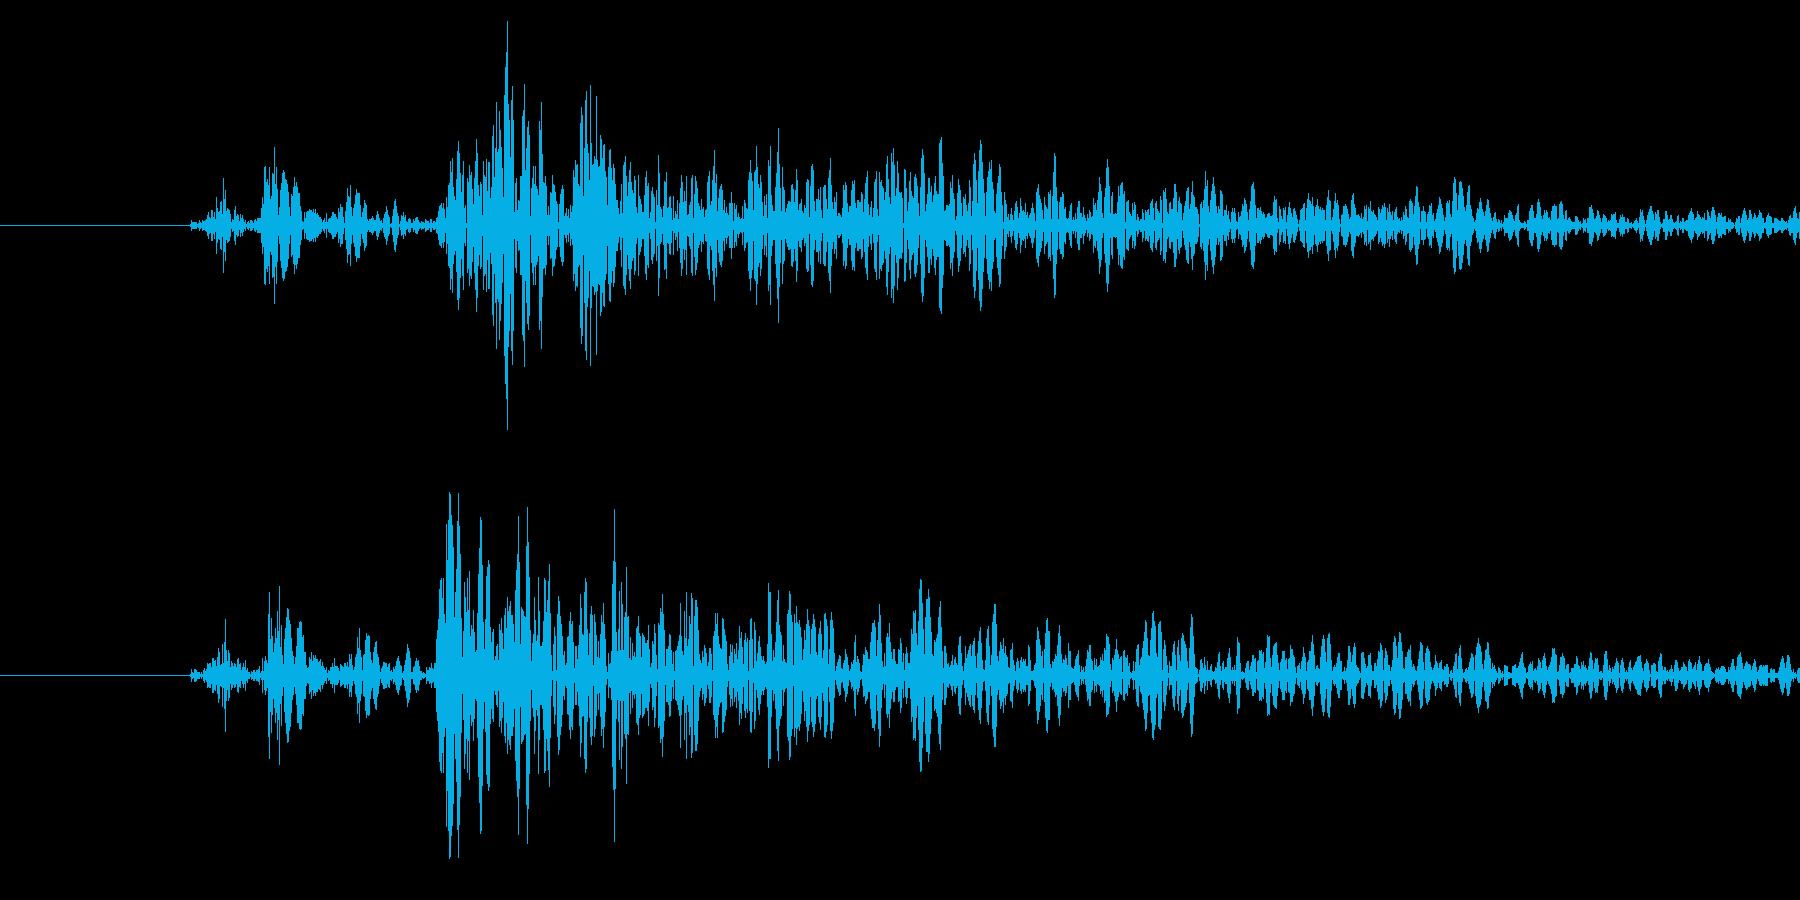 打撃音の再生済みの波形